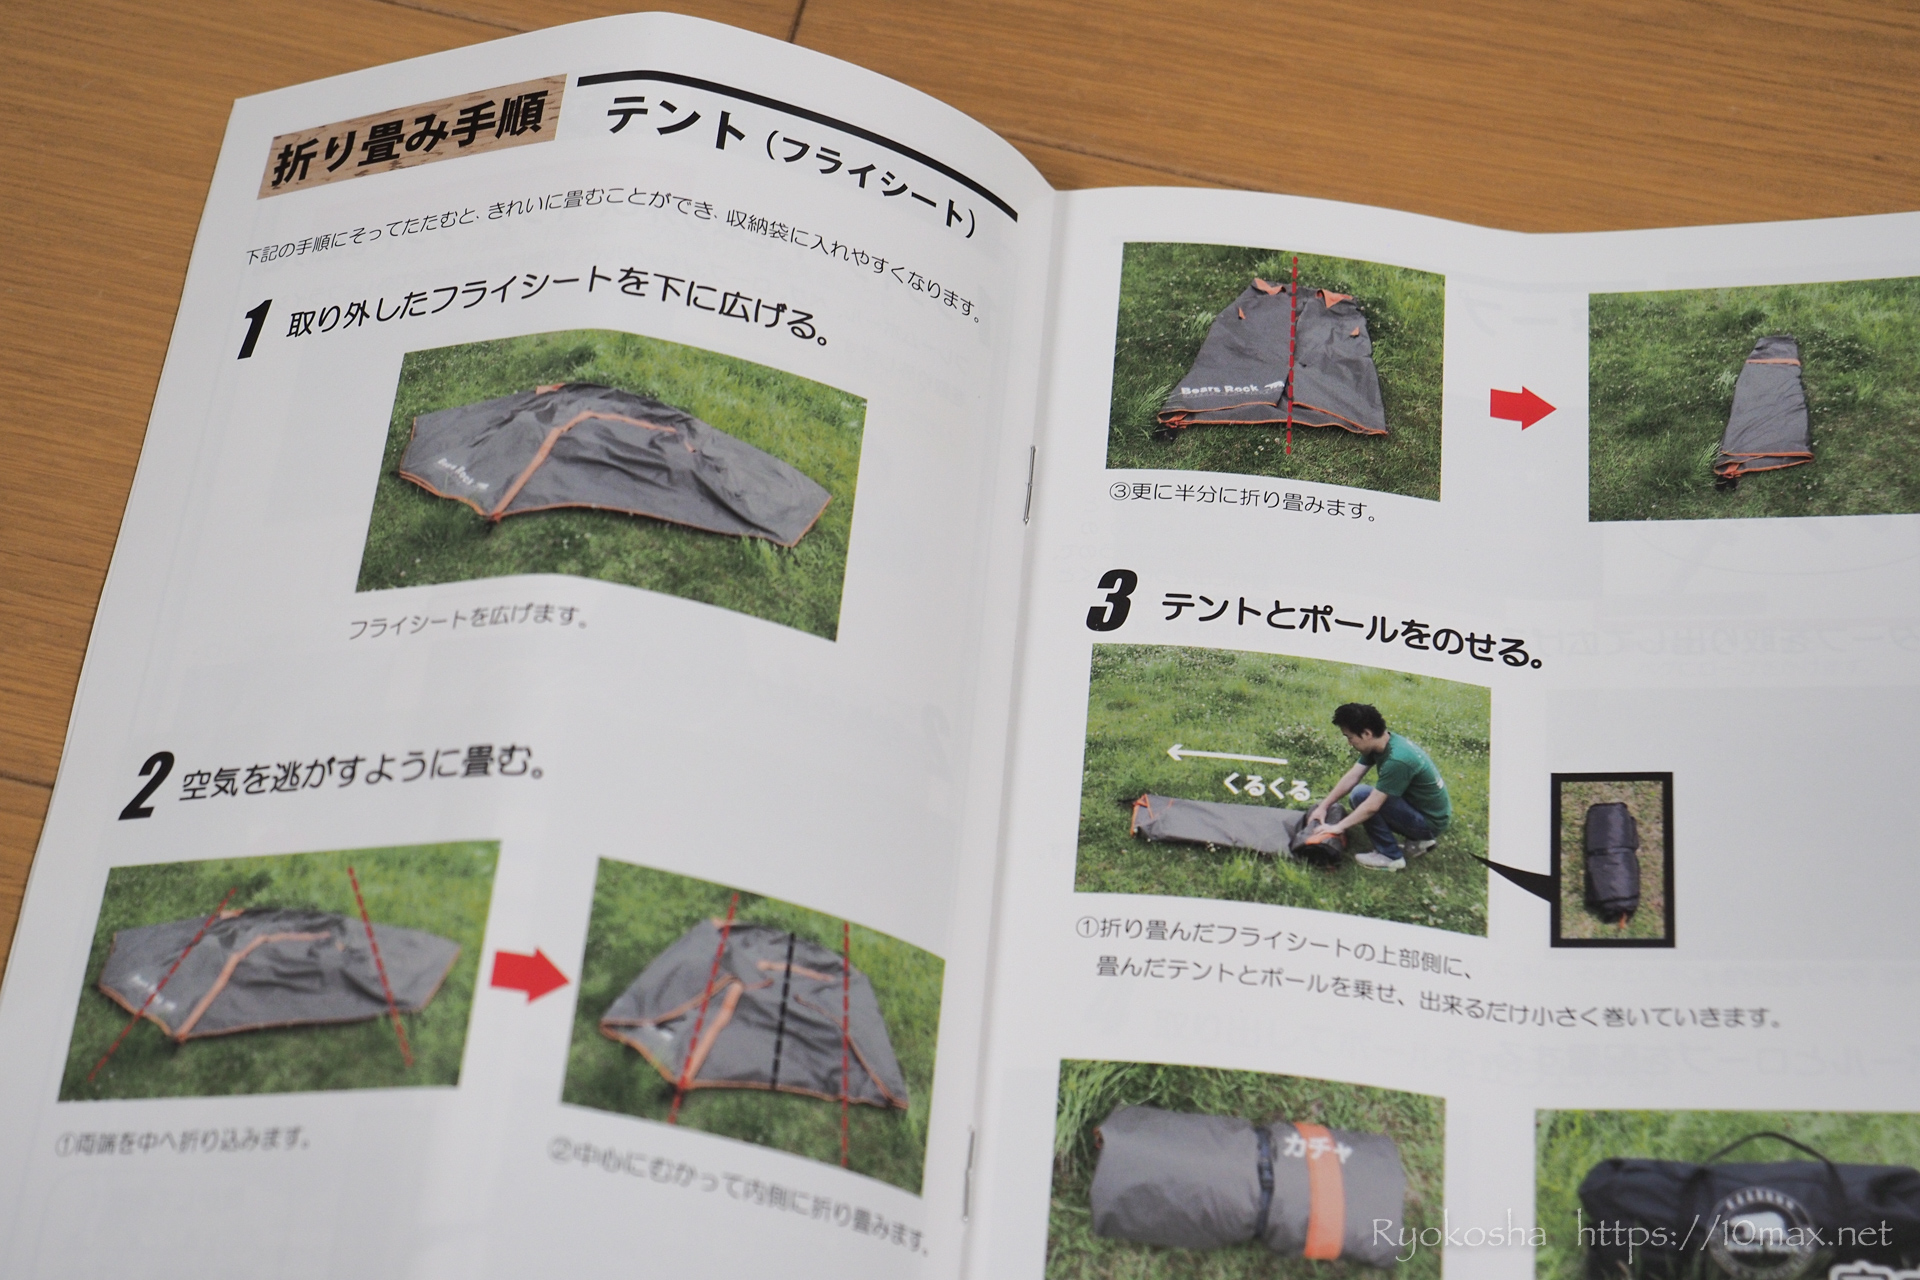 ハヤブサテントTM-501 設営簡単 軽量コンパクト 風通し良好 ドームテント 設営手順